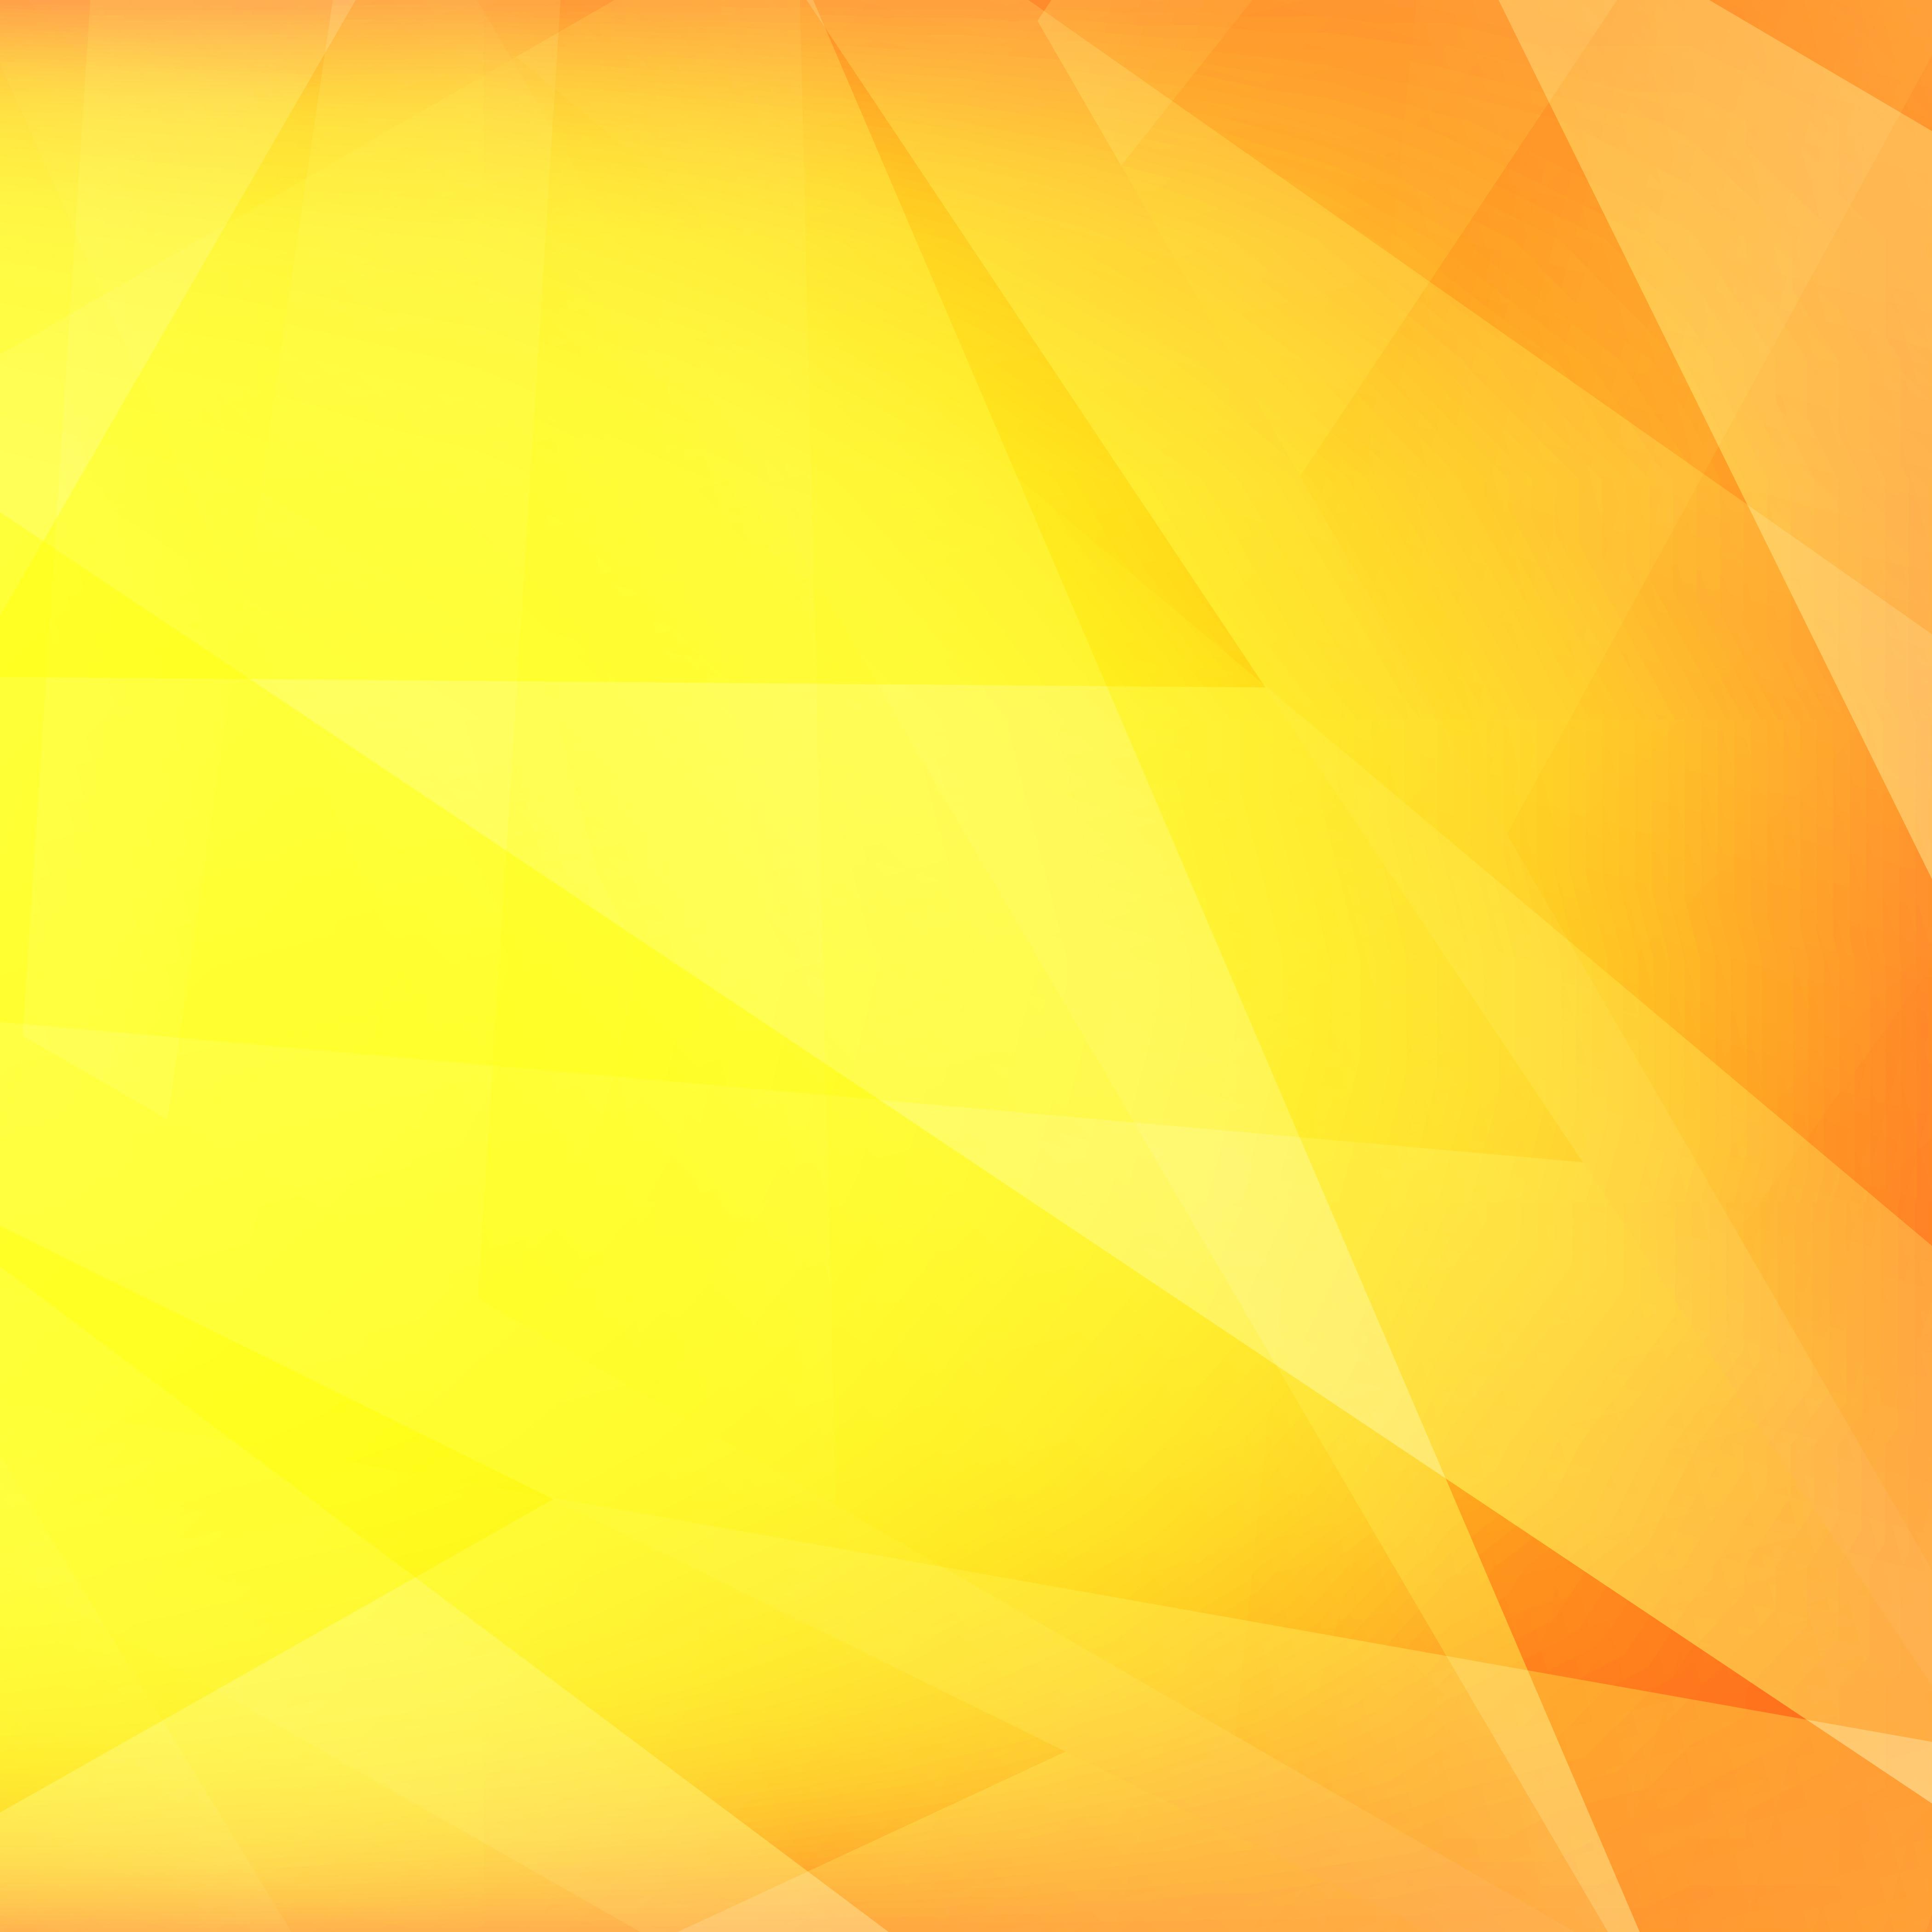 黃色背景 免費下載 | 天天瘋後製